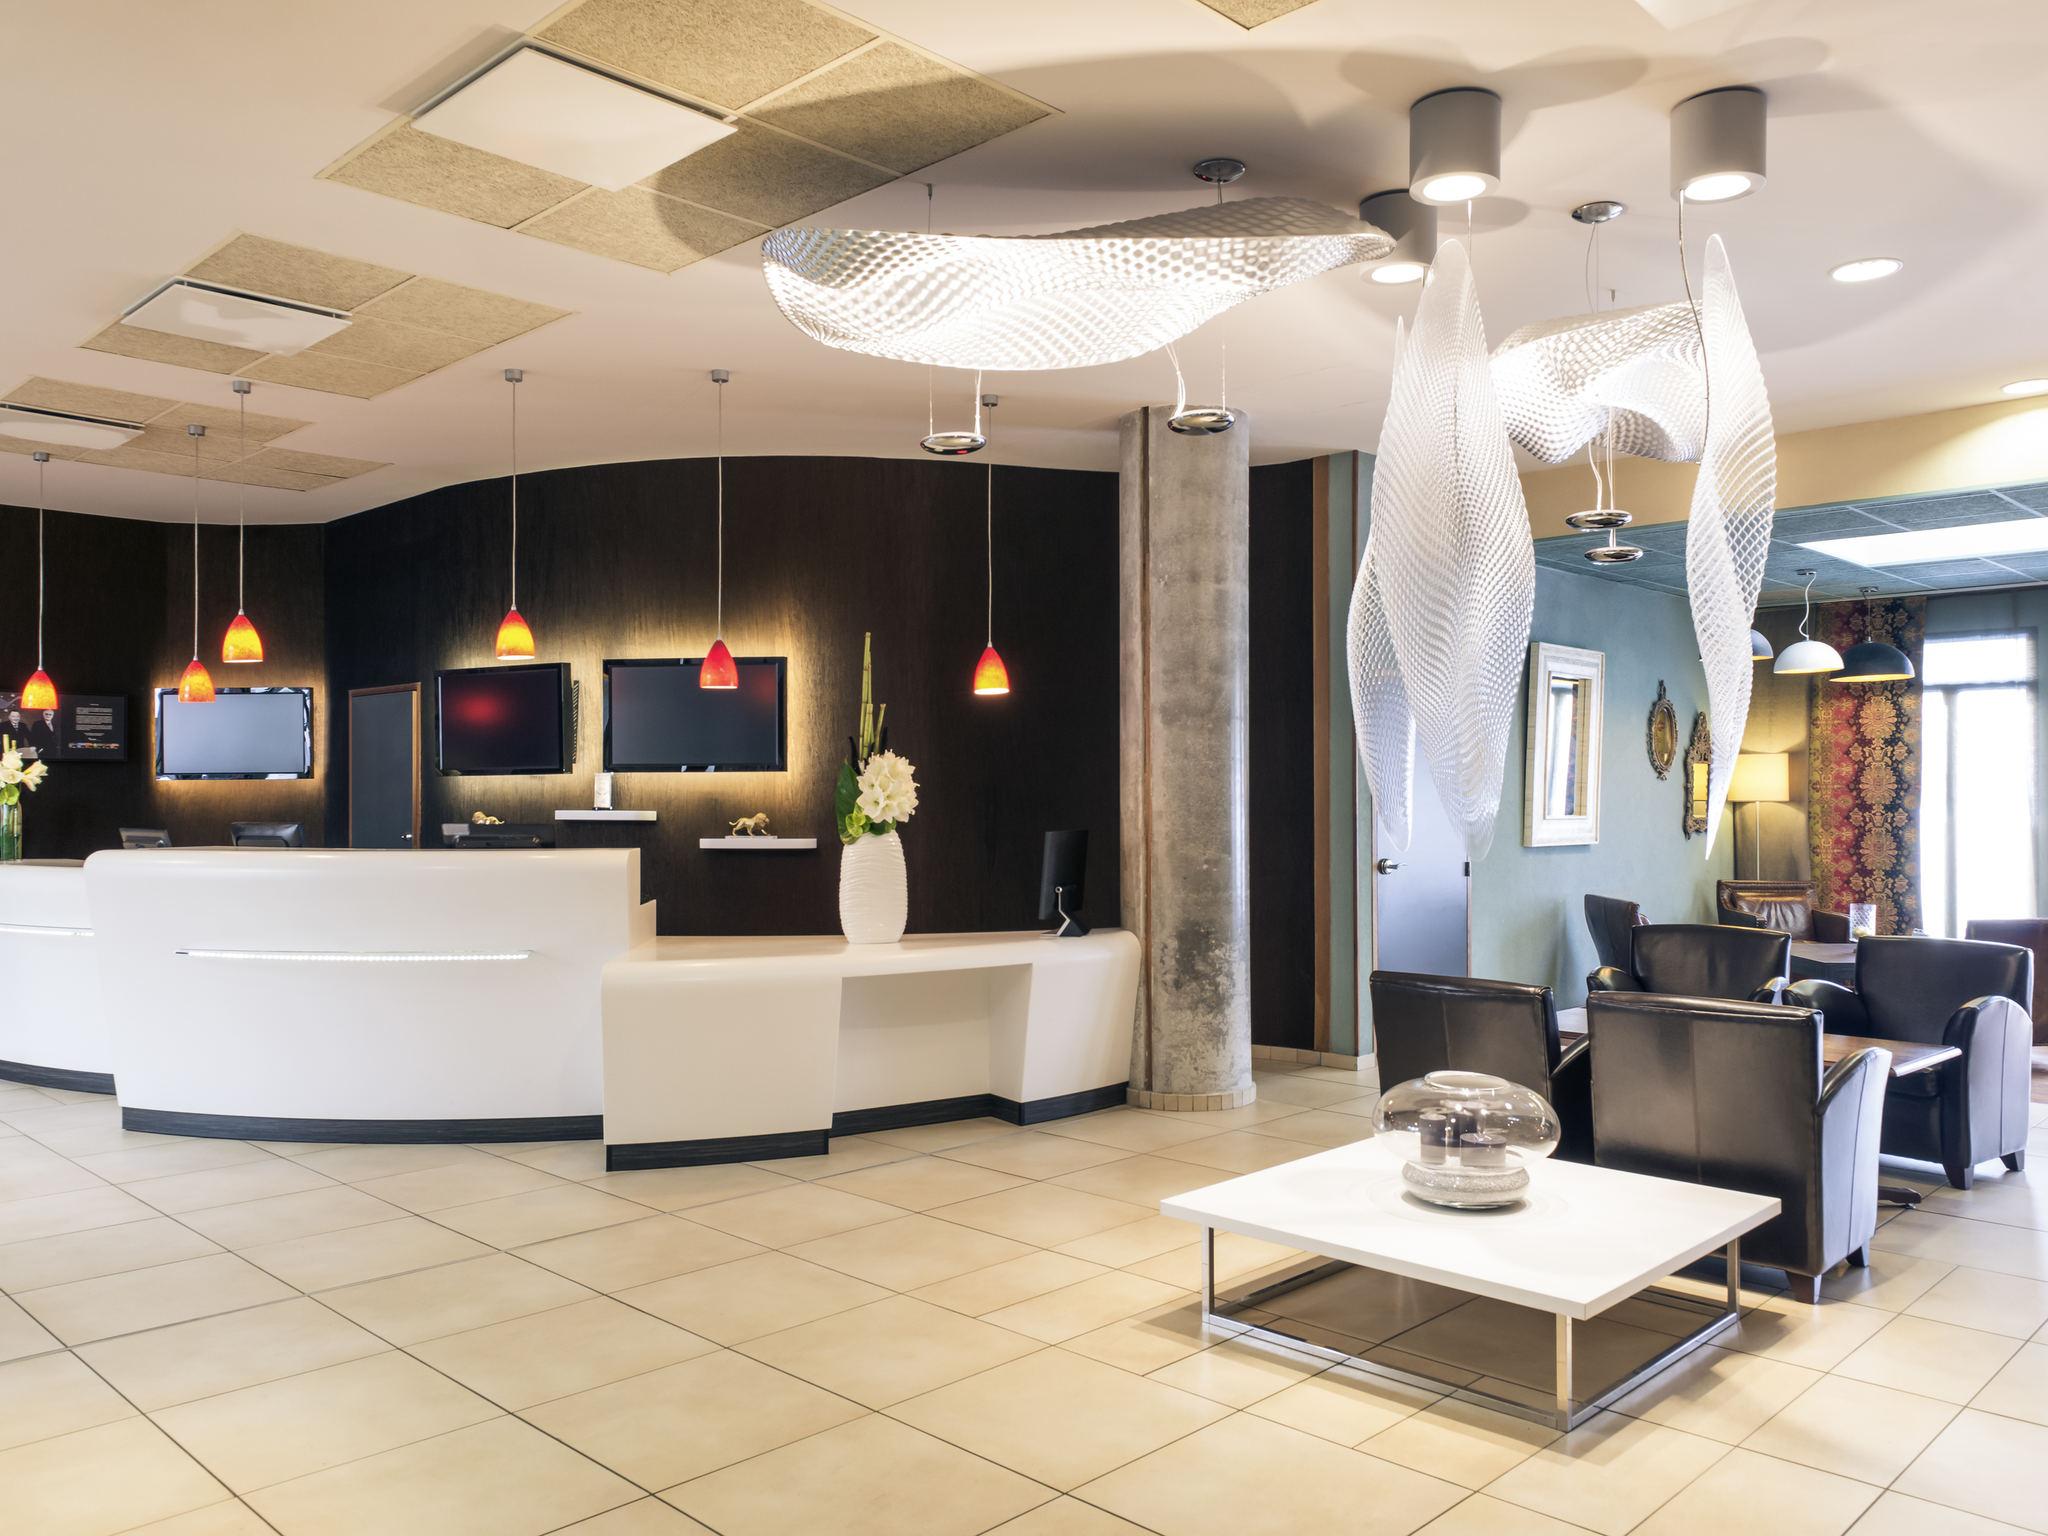 Hotel - Hôtel Mercure Lyon Centre - Gare Part Dieu